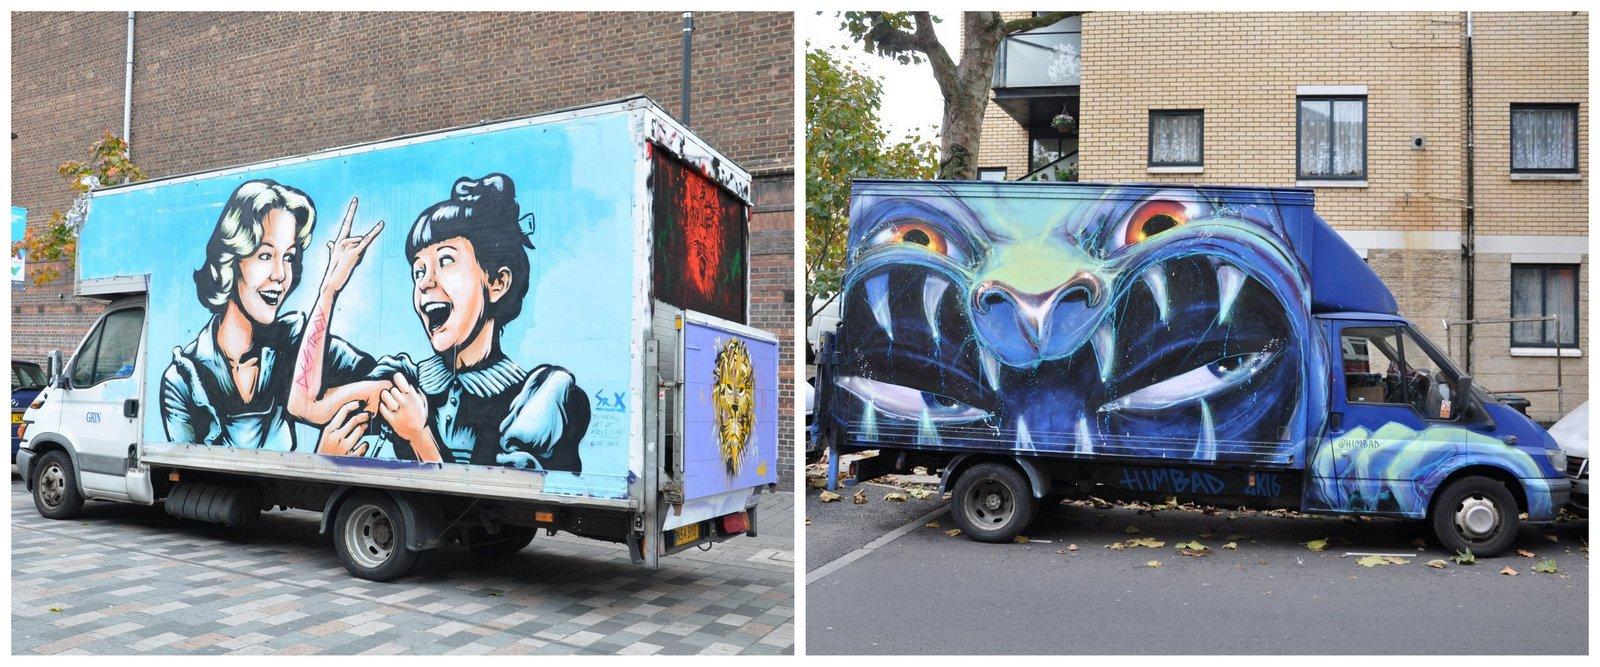 camden-town-londres-camions-street-art